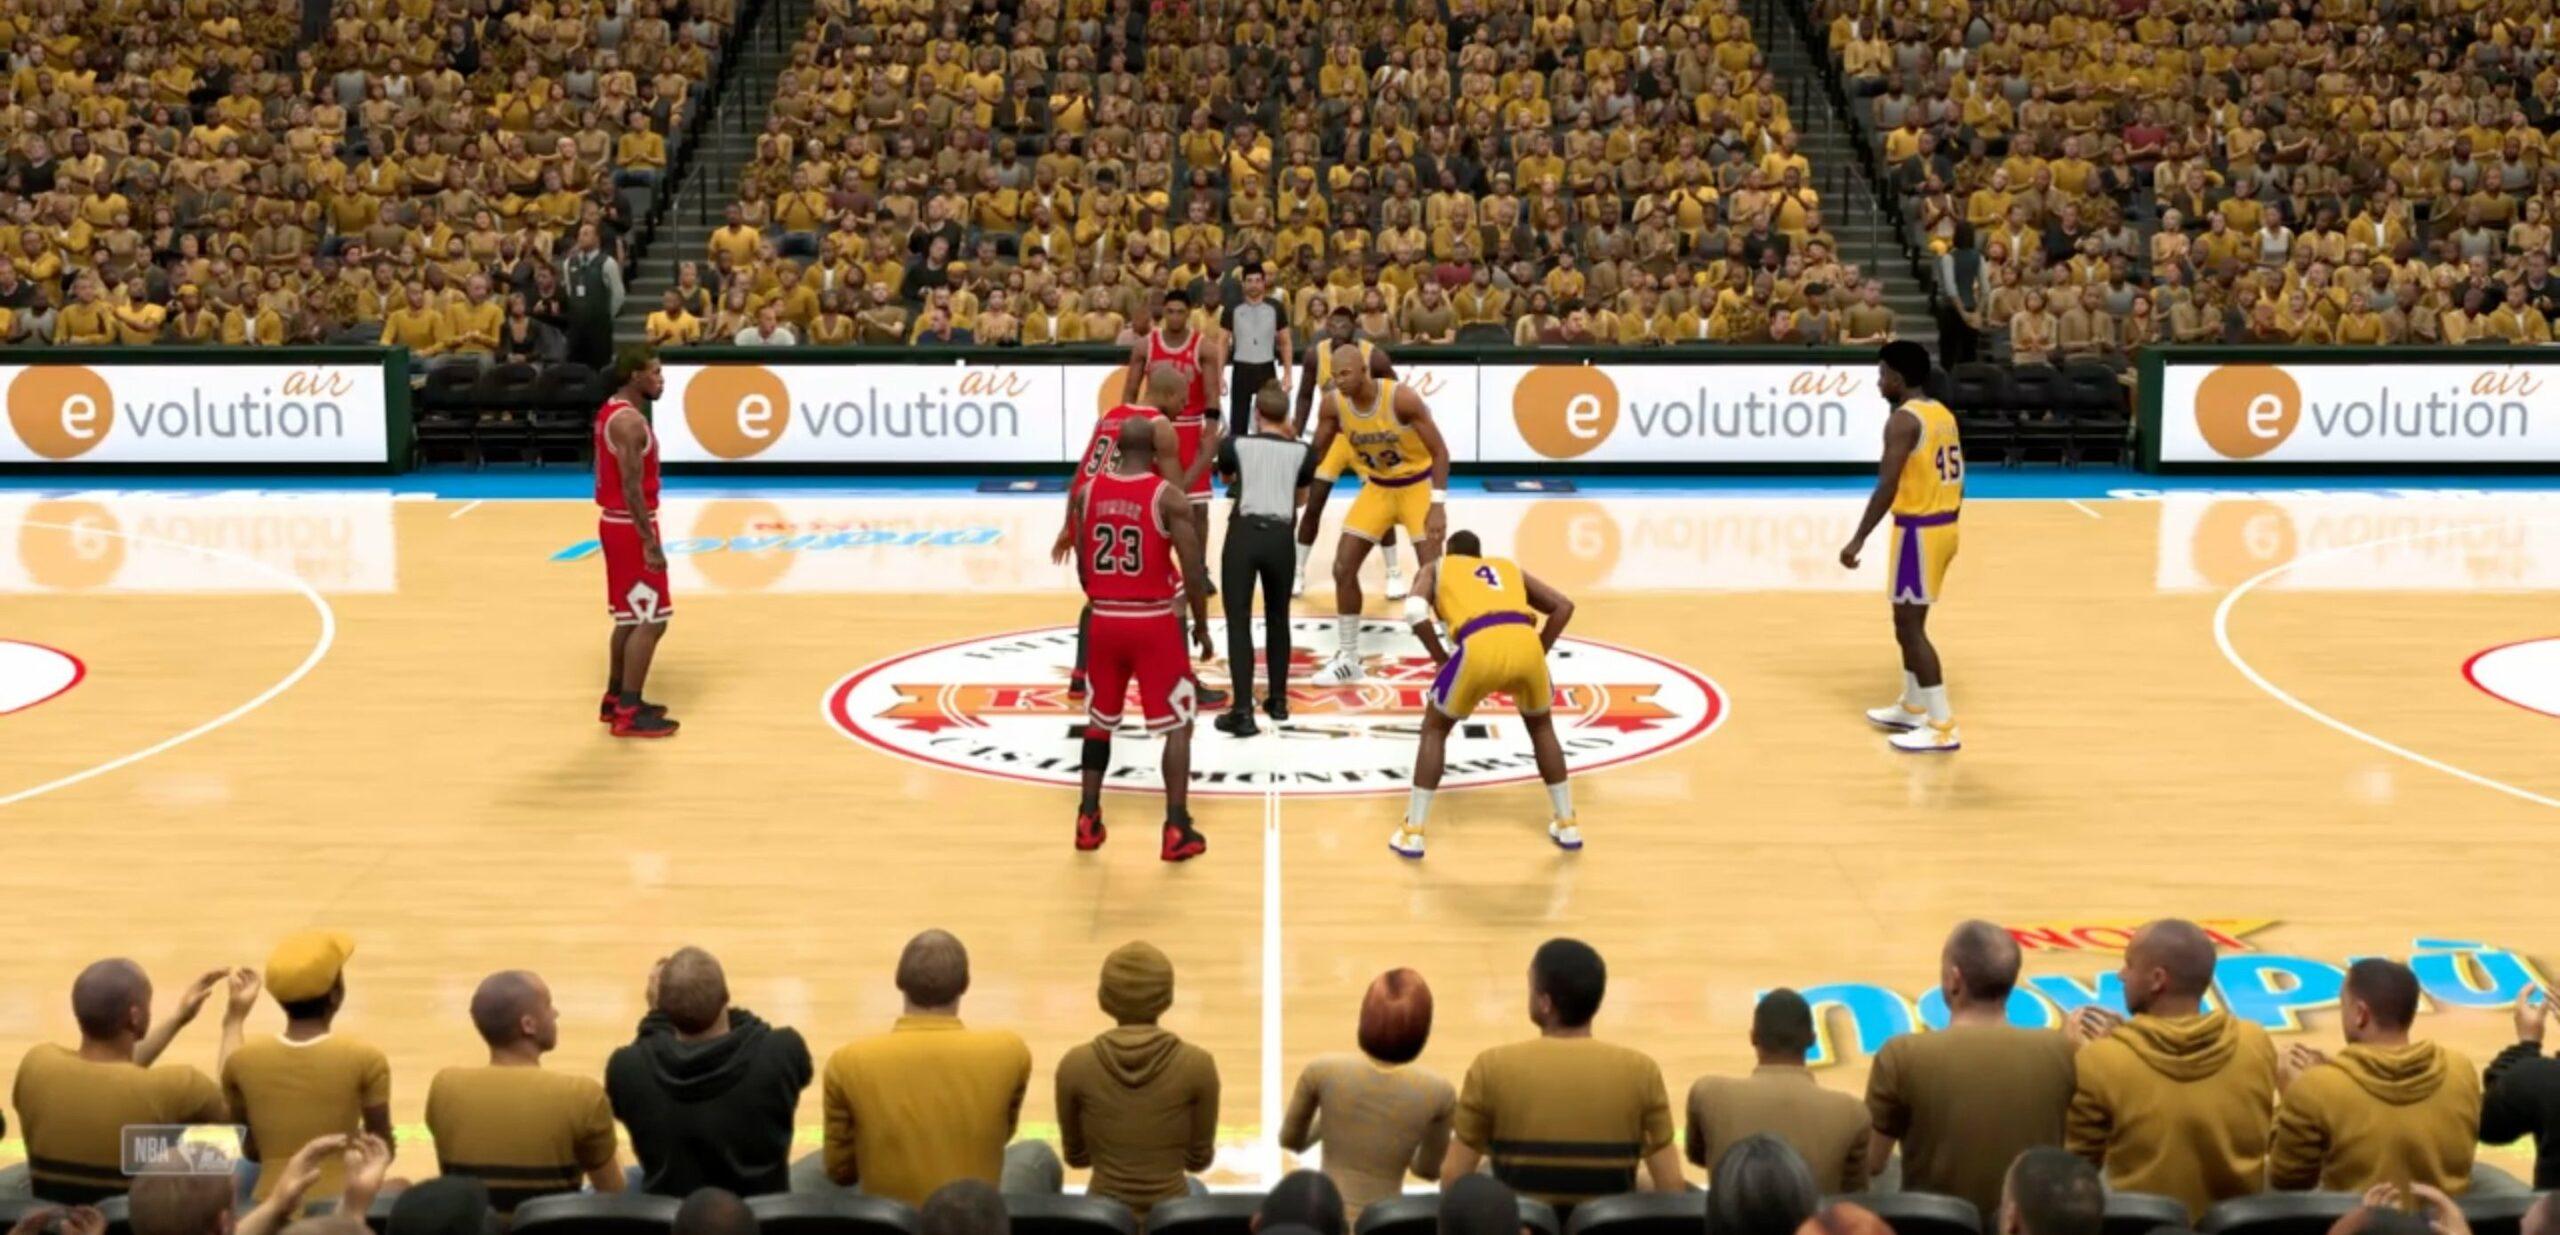 L'eLeague di basket della Junior Casale: «Ecco perché puntiamo sugli eSports»